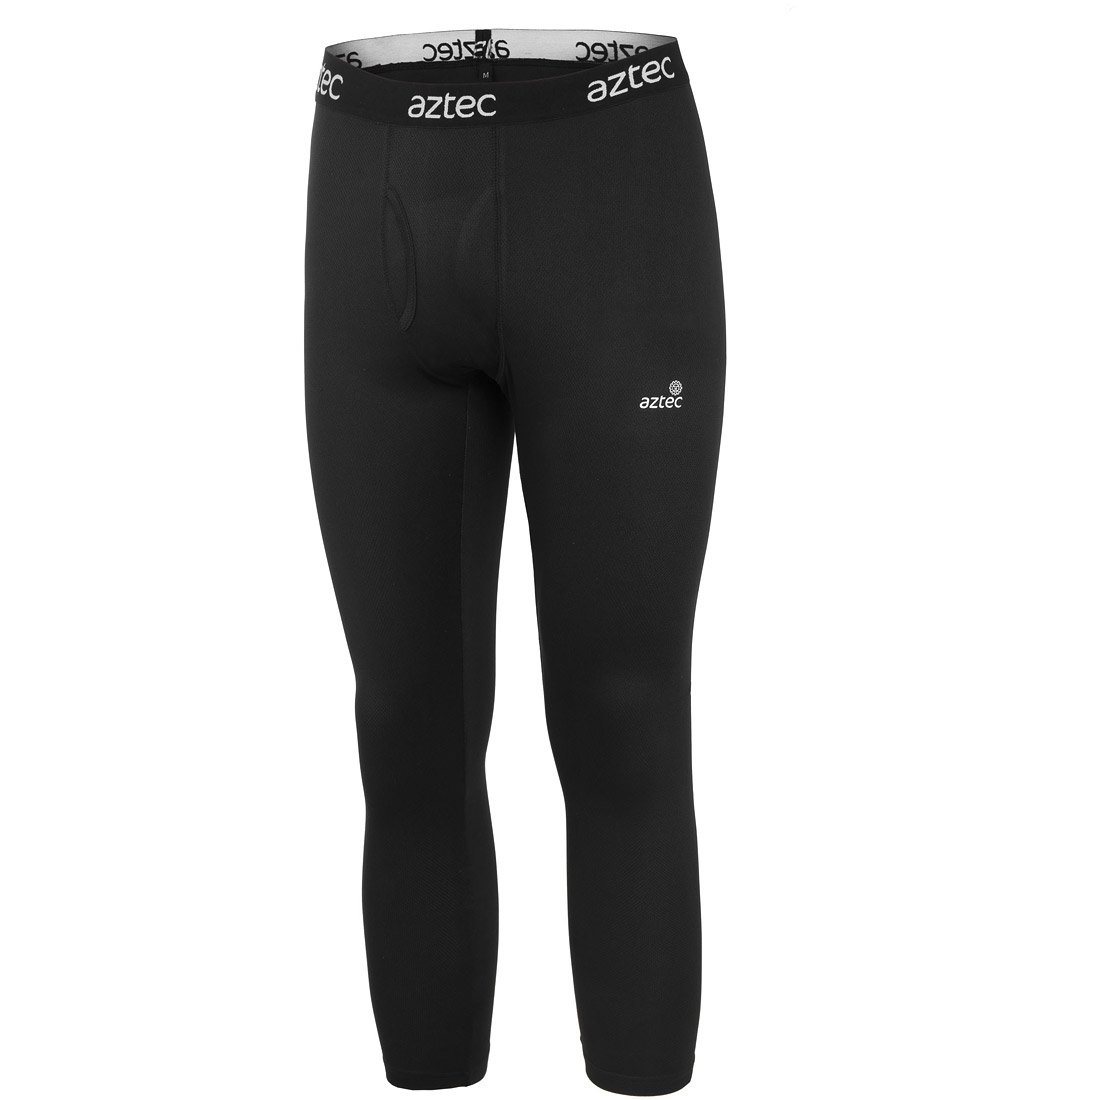 מכנסיים תרמיים לגברים - Thermo Fleece Pant M - Aztec